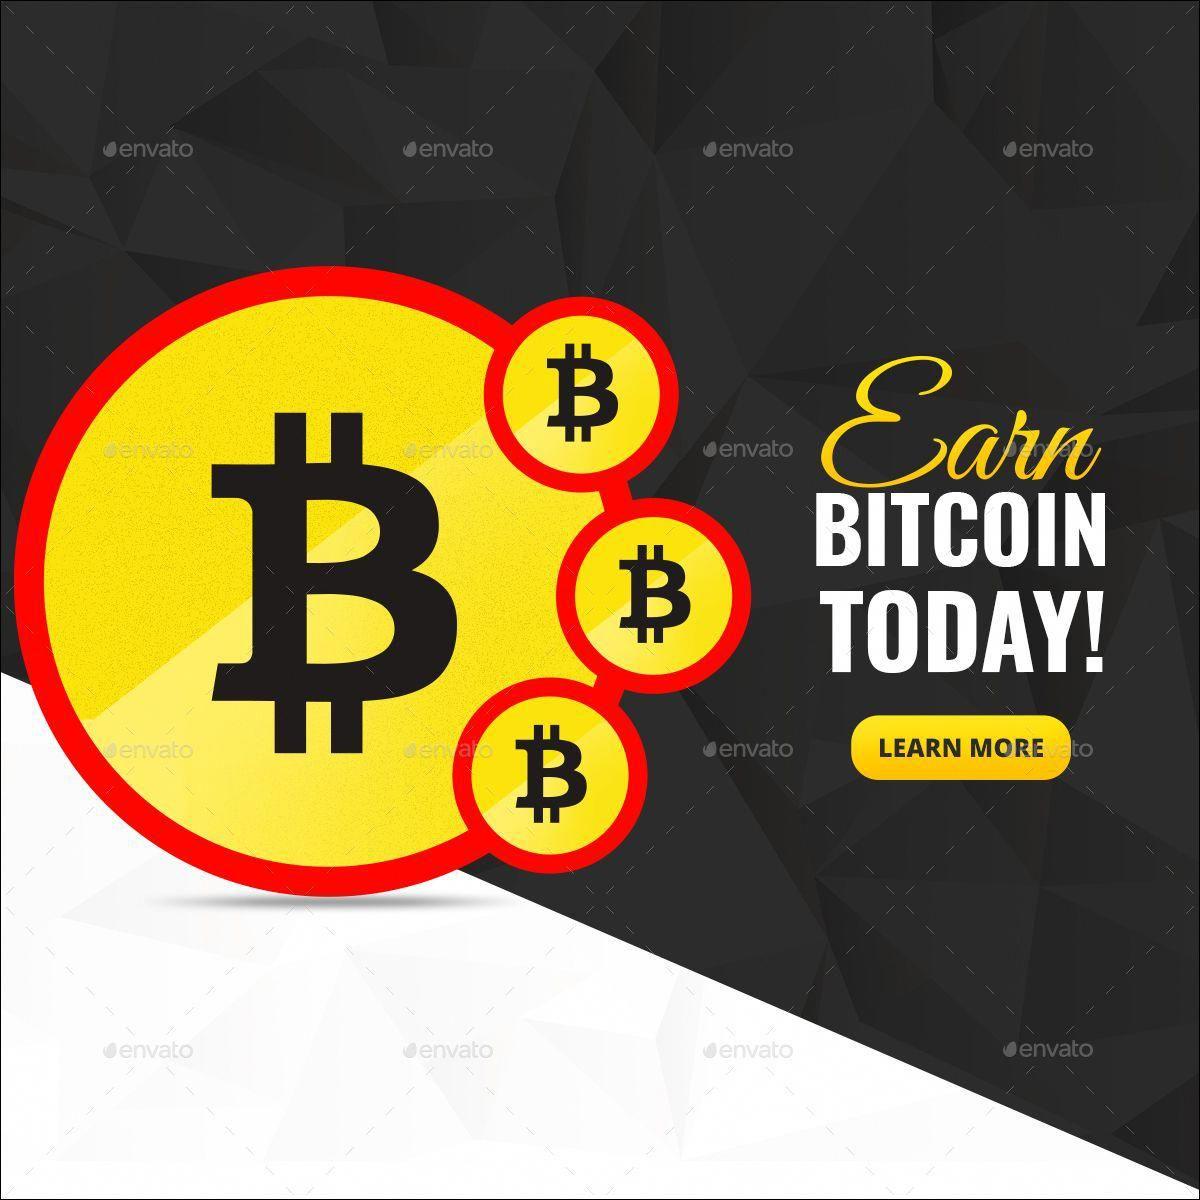 wie investiere ich über meine ira in bitcoin? binäre option erklärt